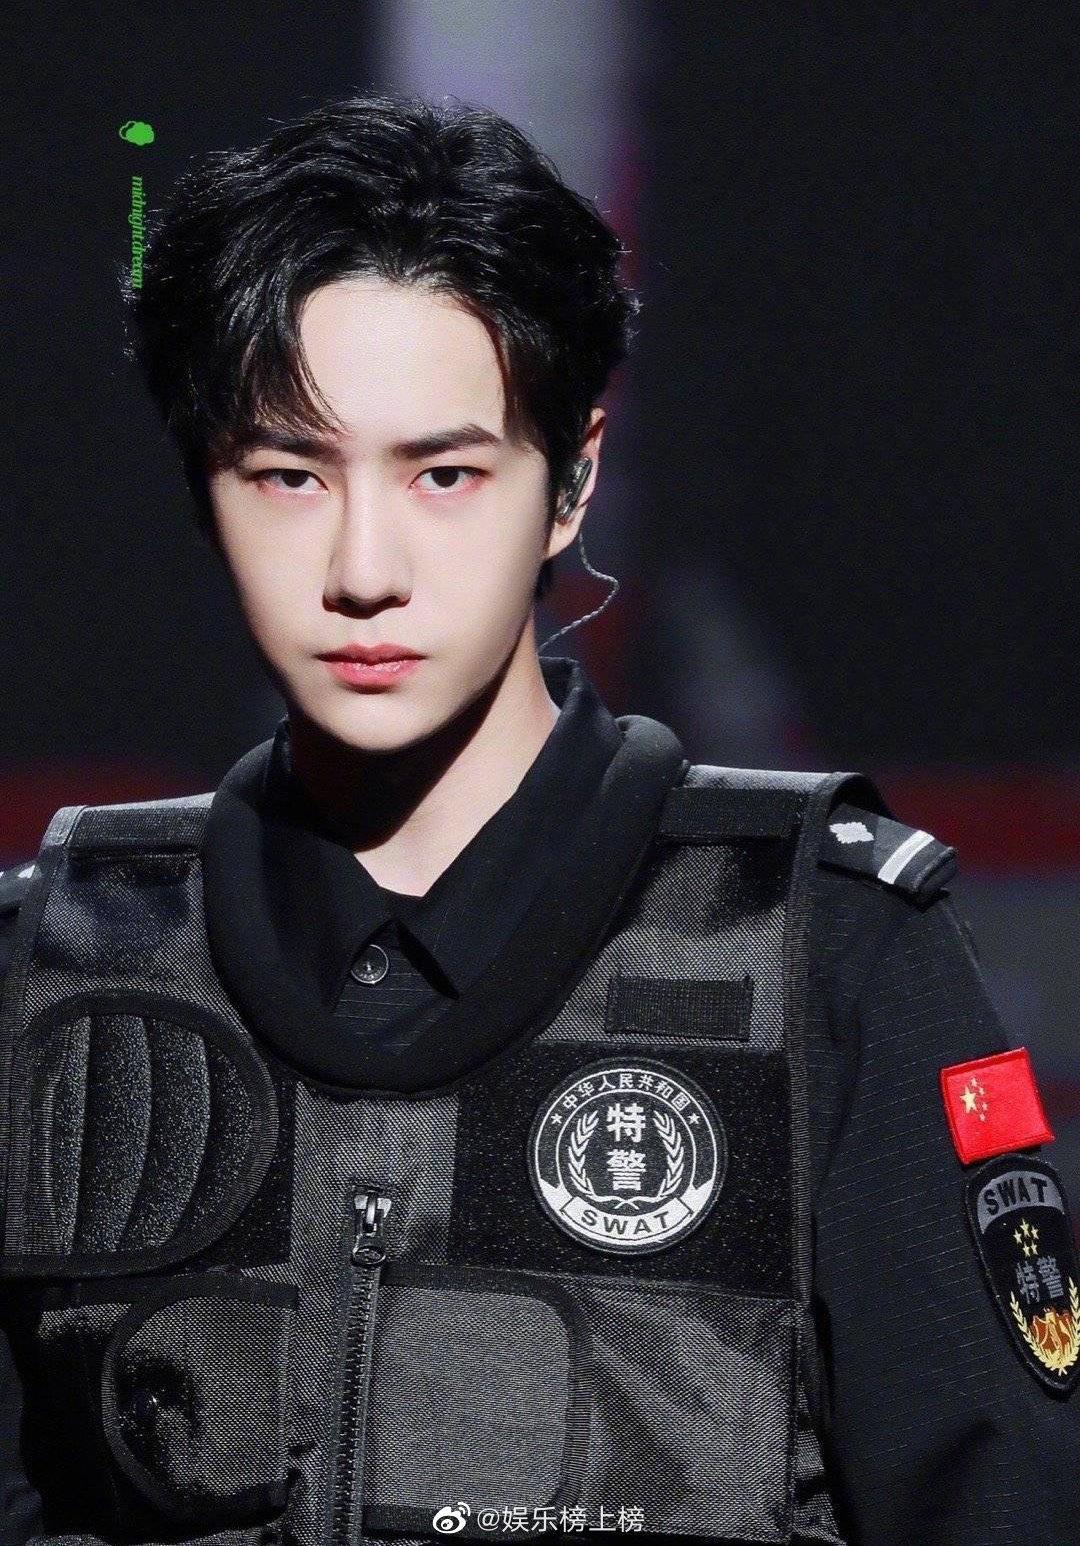 王一博新电影 杀青,维和部队杨震准备就绪即将全力出击!